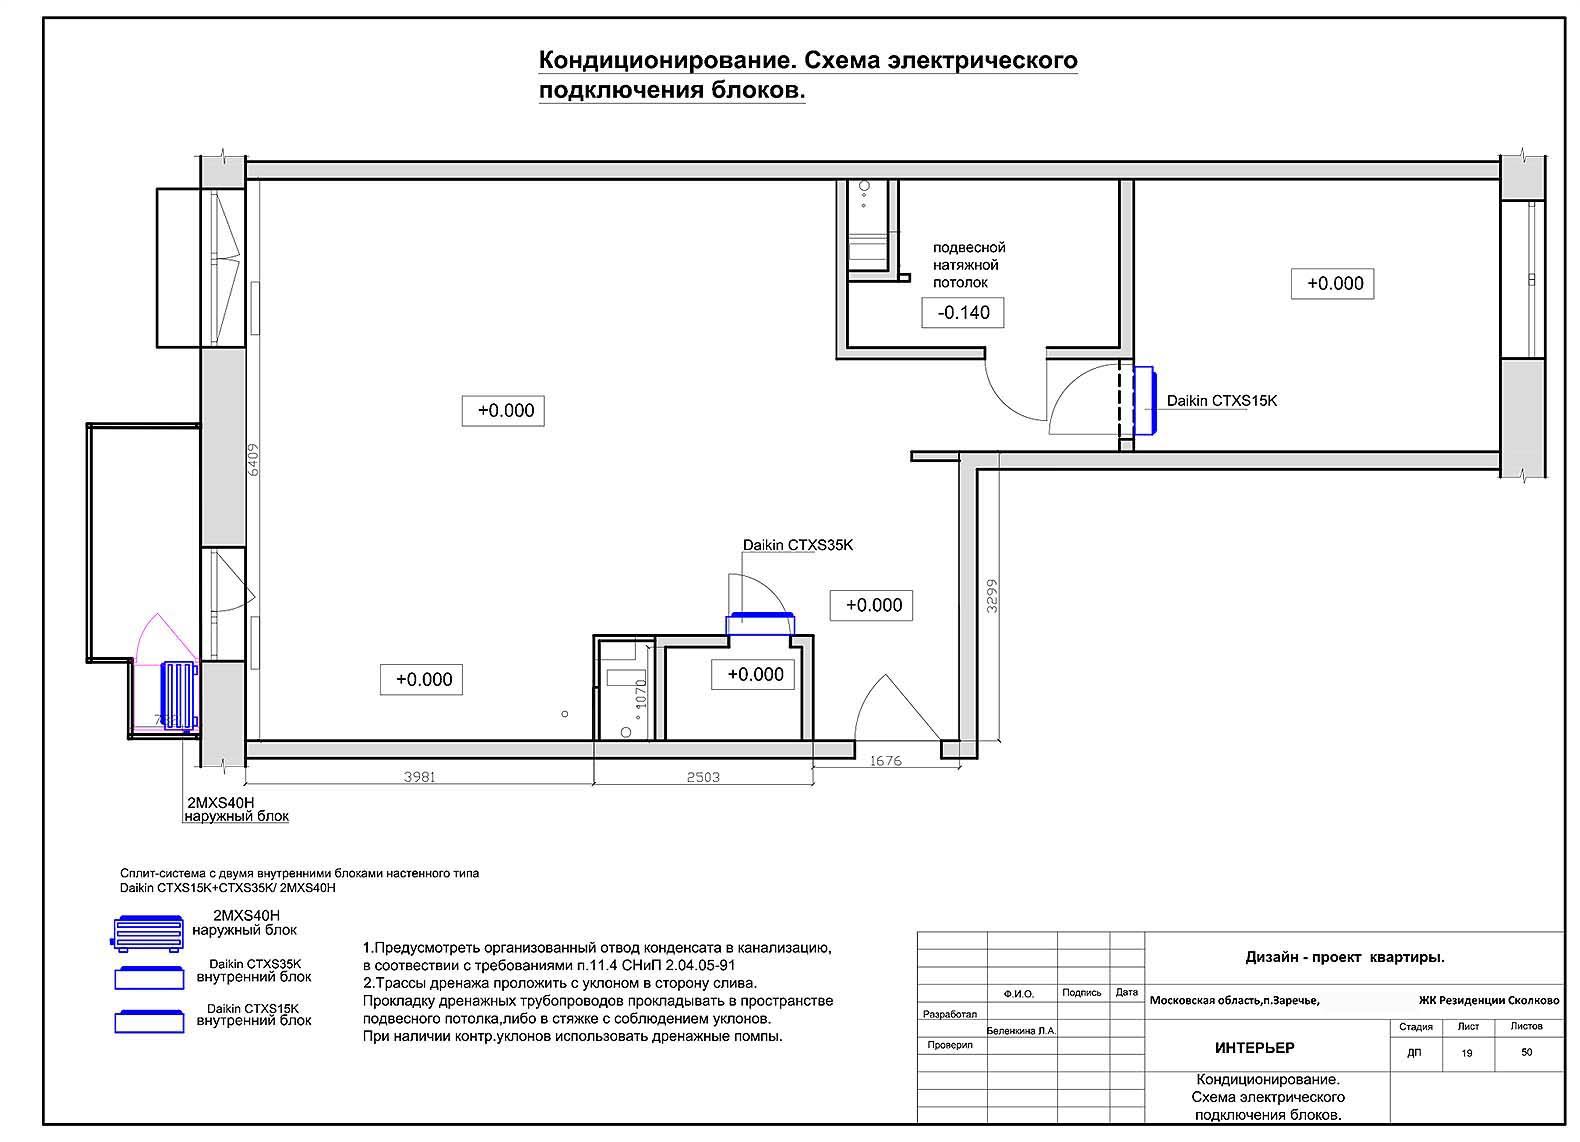 Схема электропроводки в хрущевке однокомнатной квартиры